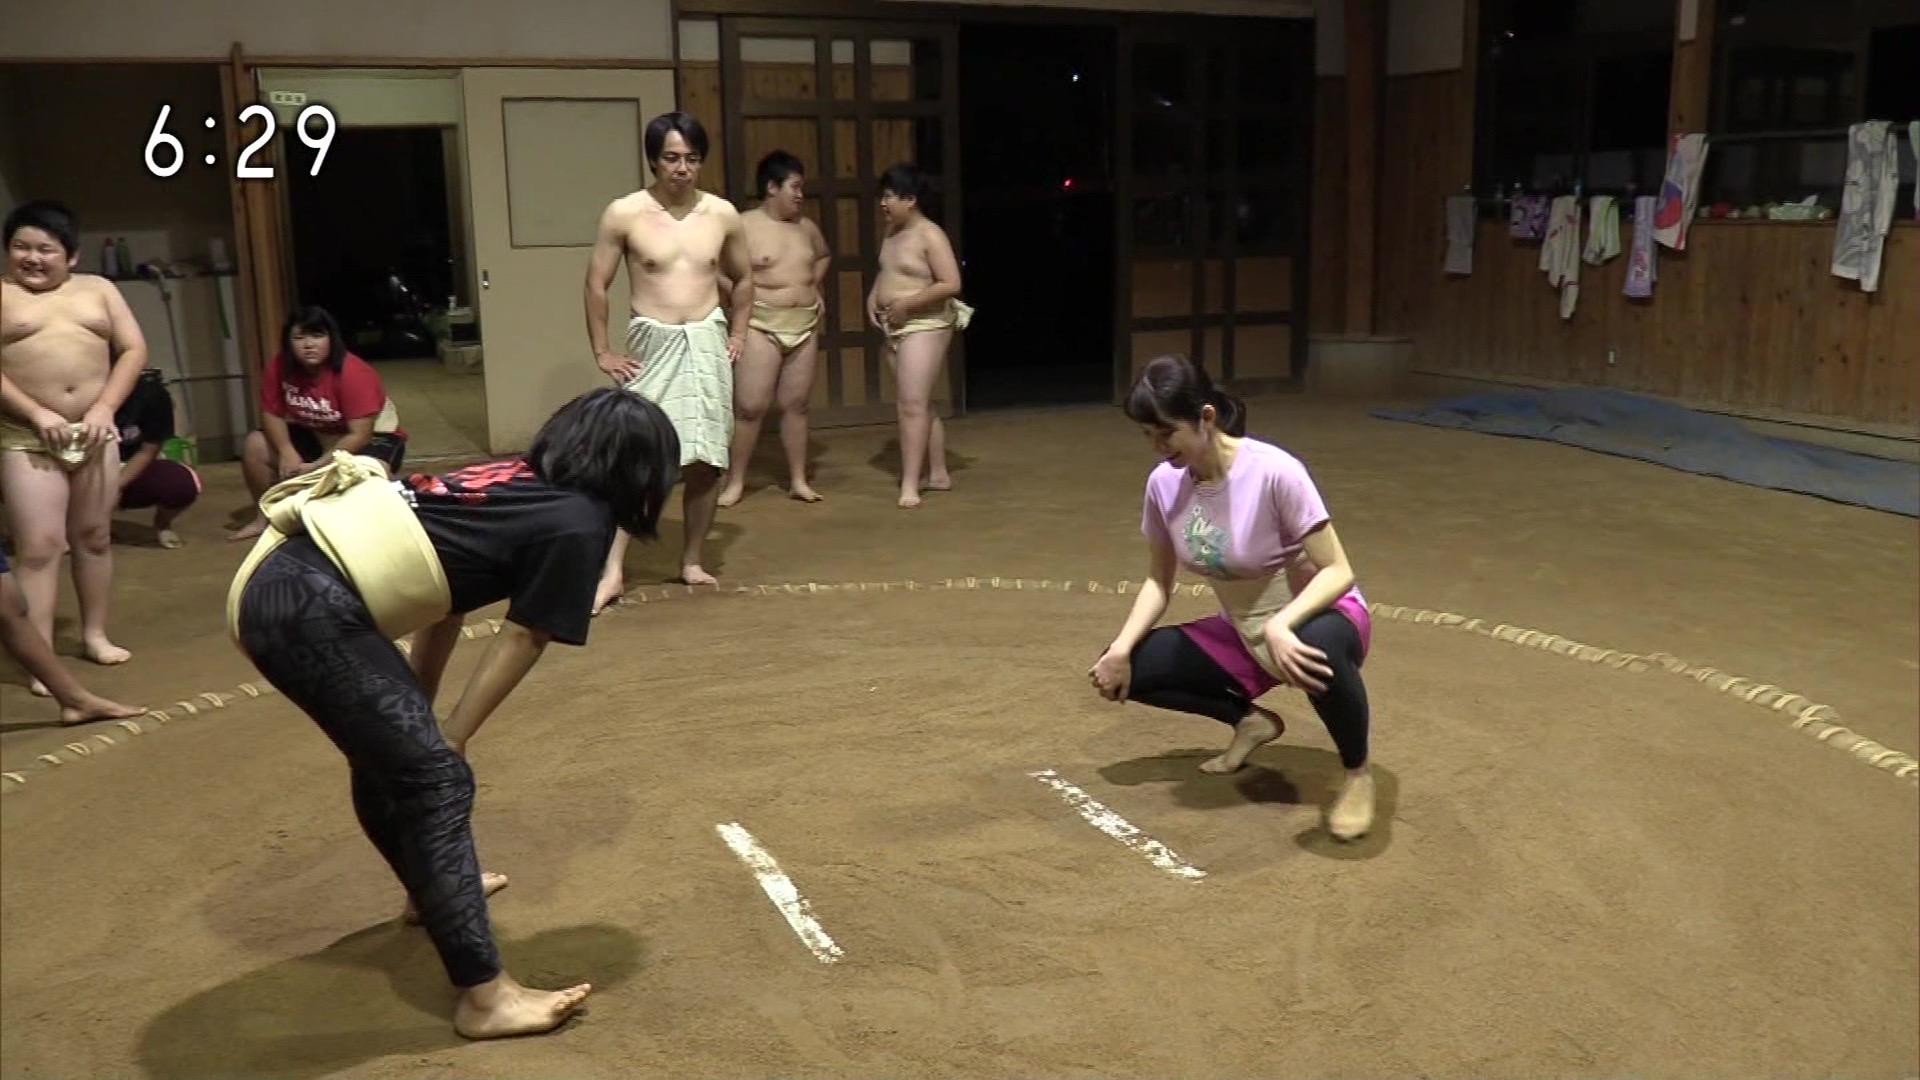 【画像】巨乳女さんが相撲に挑戦した結果w